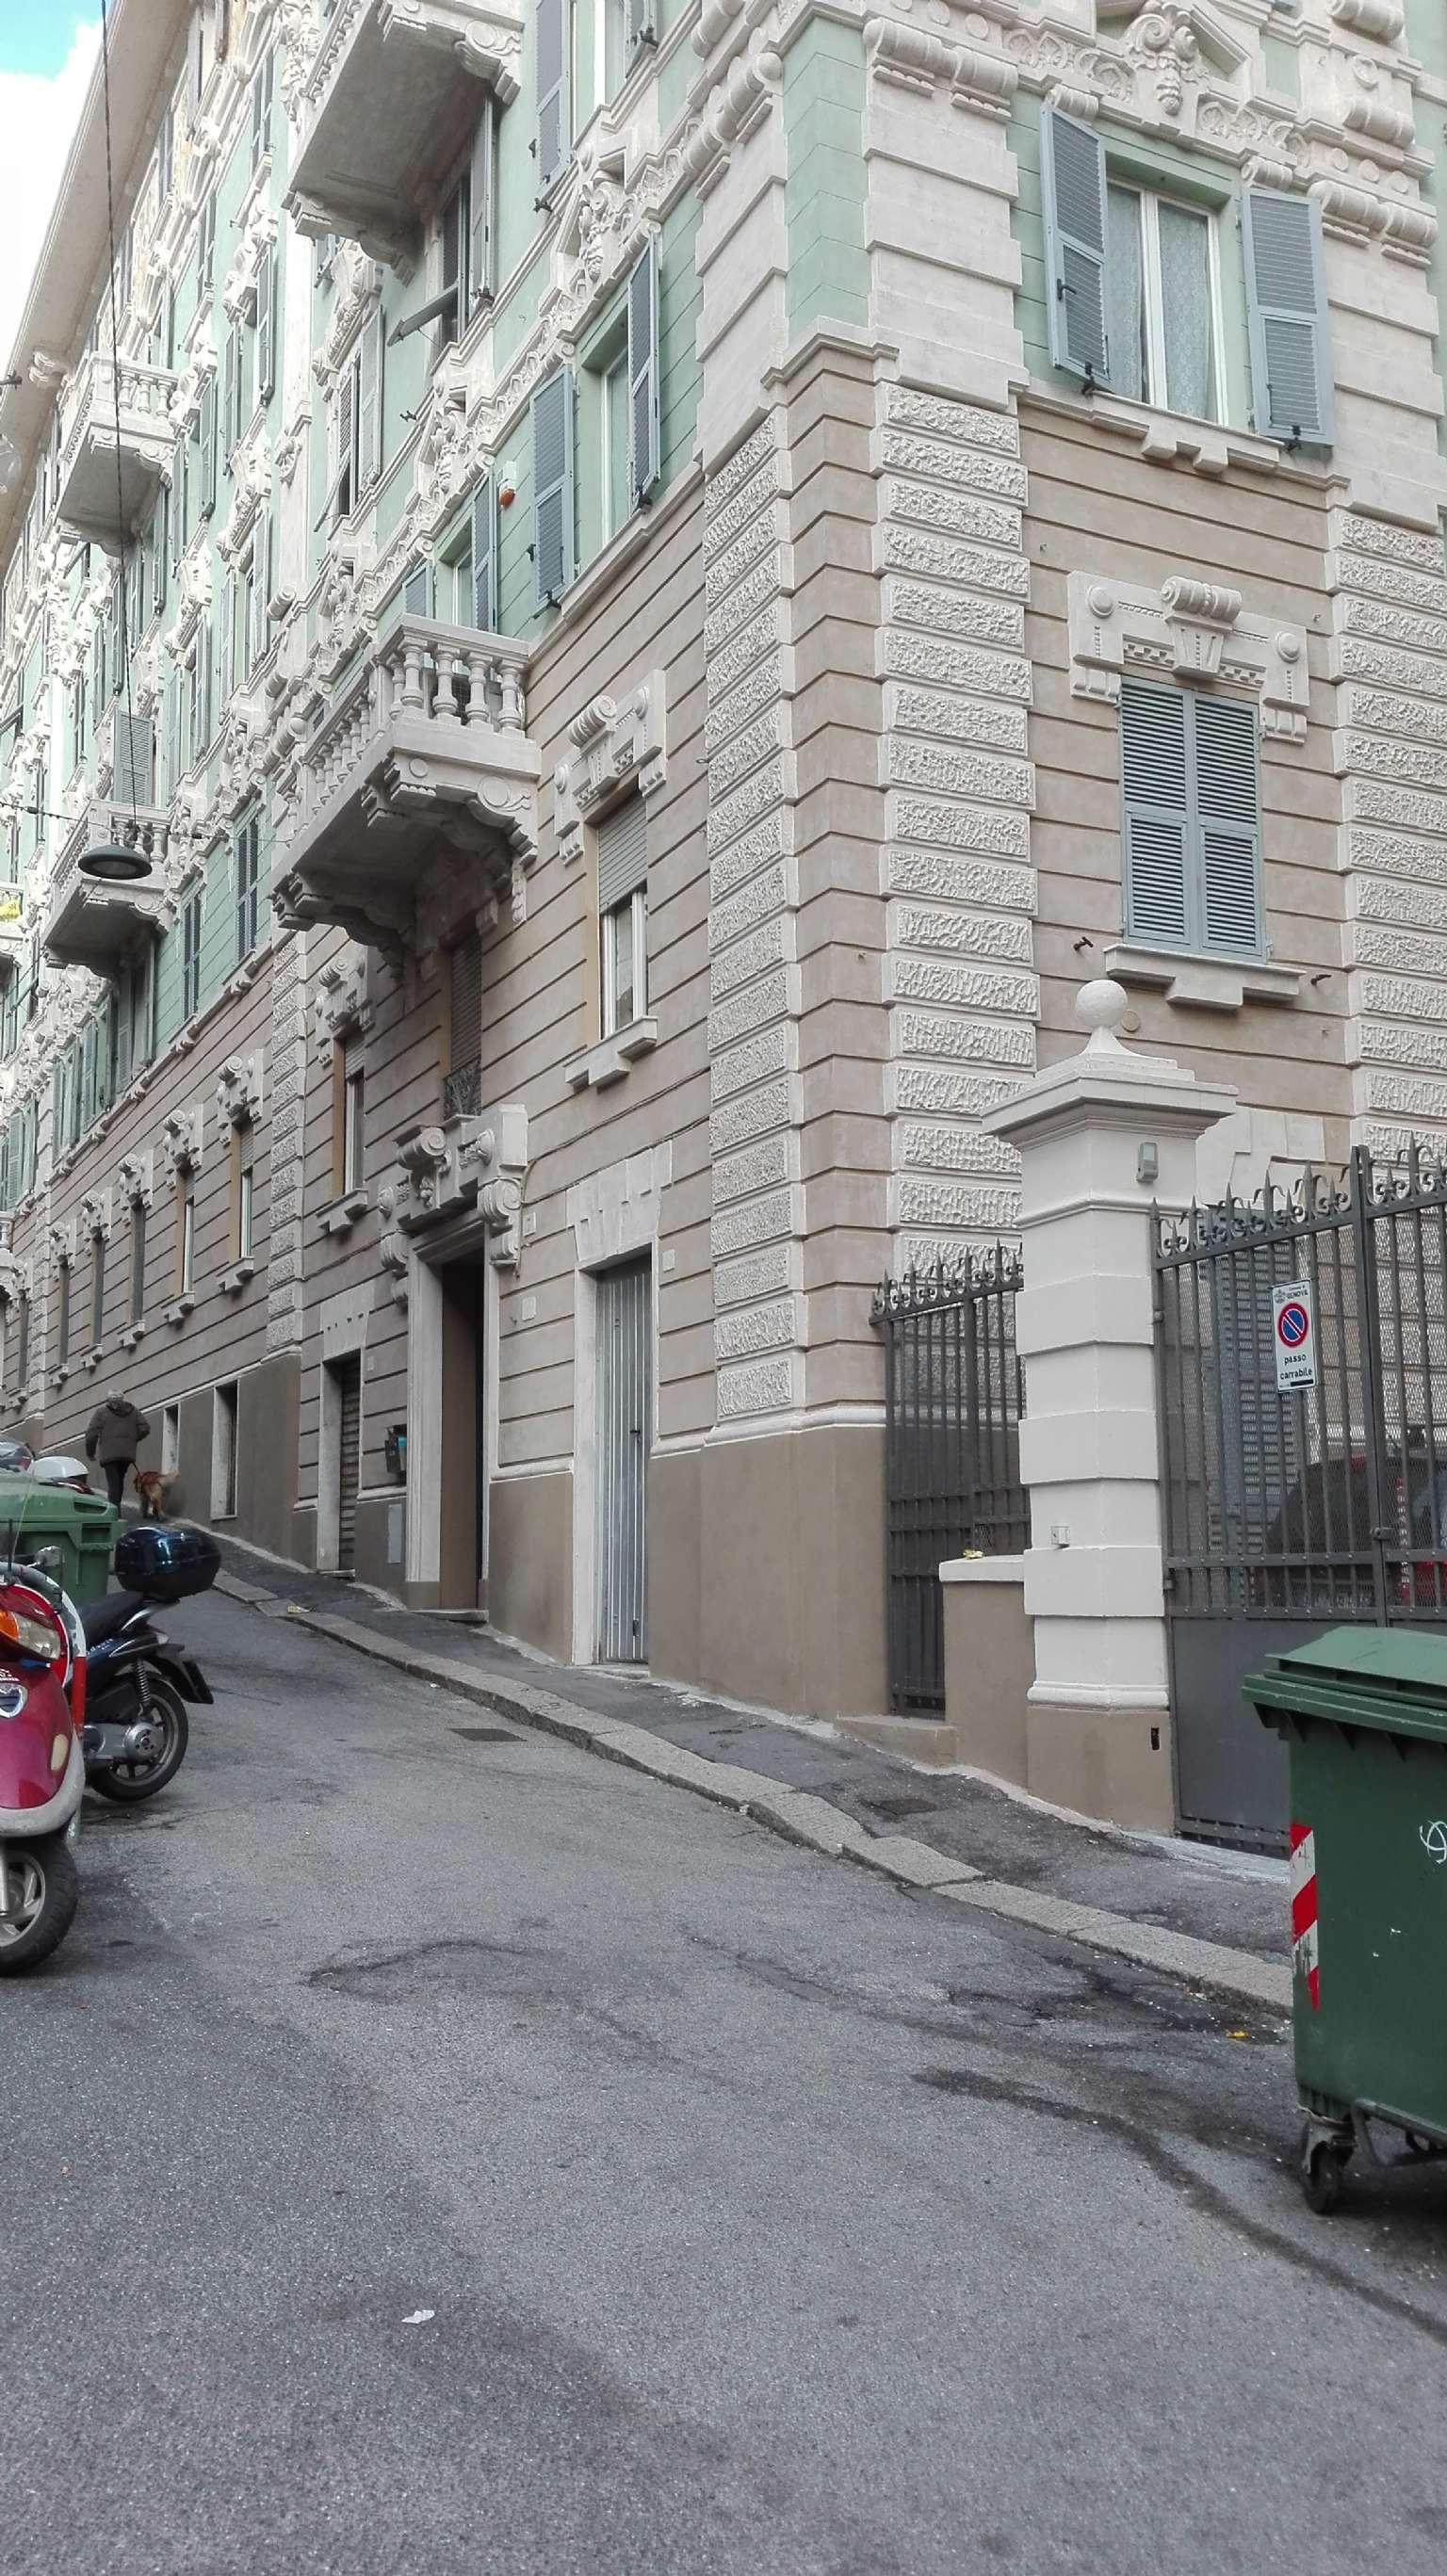 Appartamento genova vendita 135 mq riscaldamento for Accensione riscaldamento genova 2017